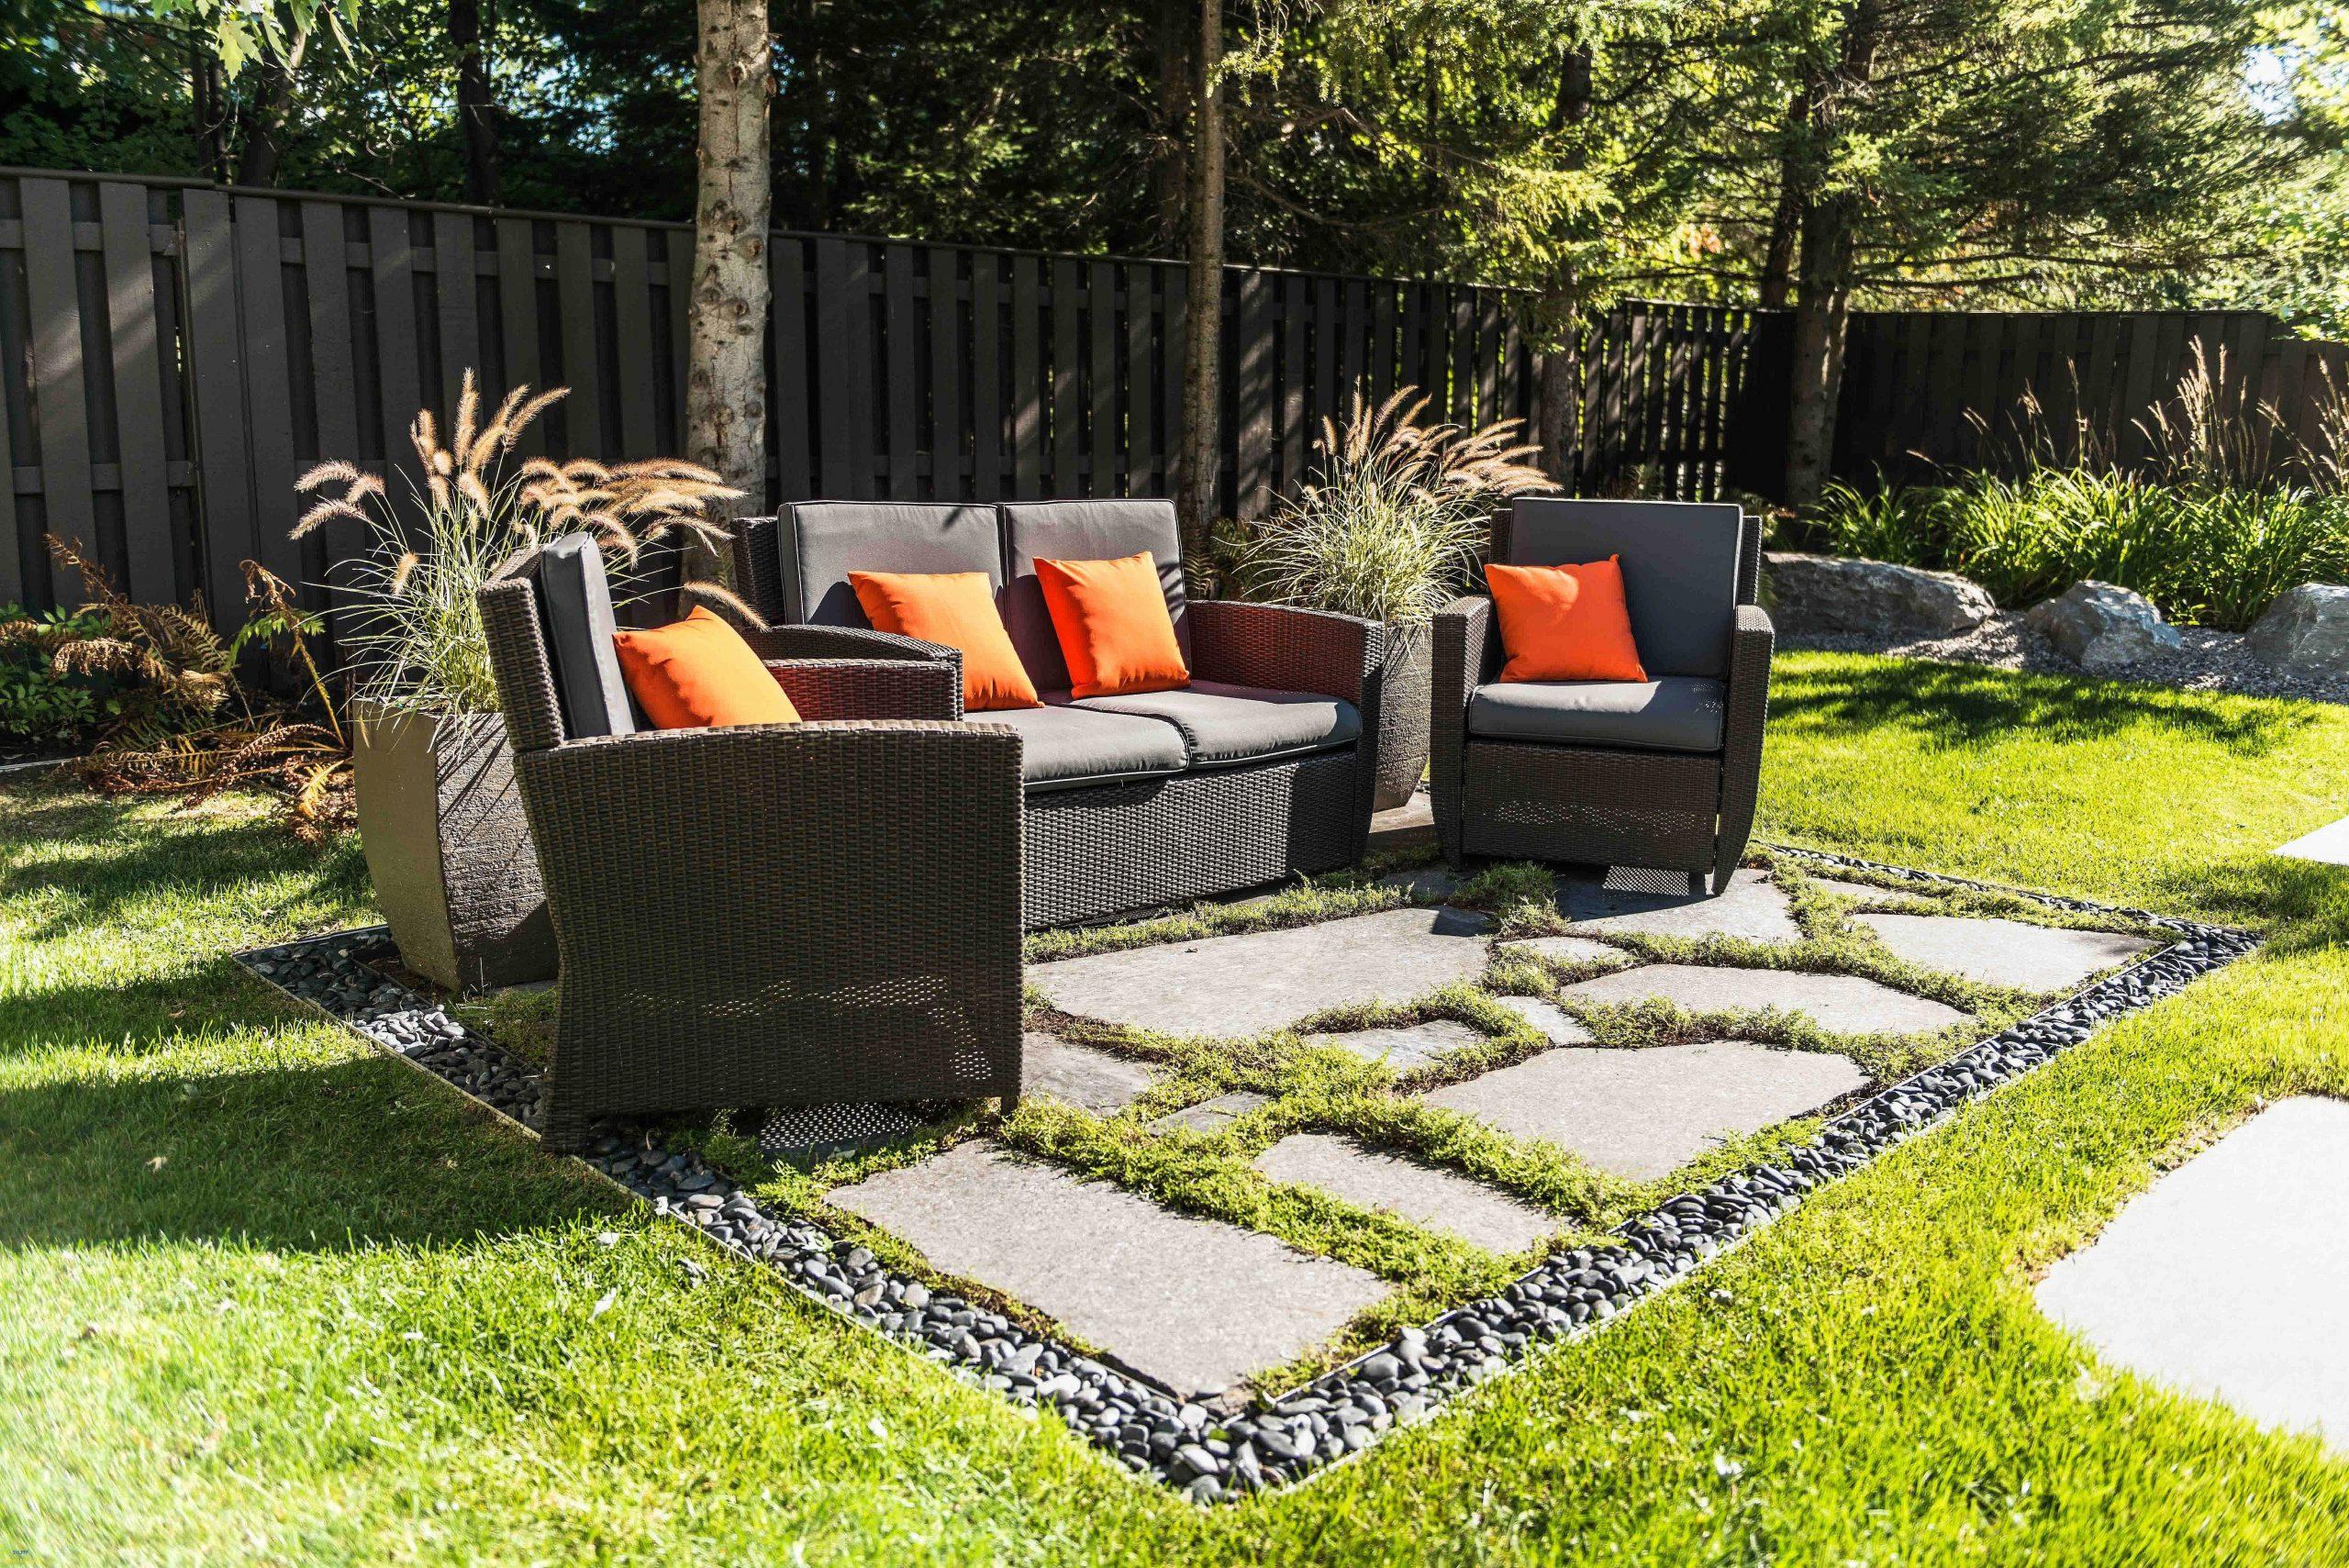 Idee De Deco Jardin Exterieur Pas Cher | Outdoor Furniture ... pour Decoration Jardin Pas Chere